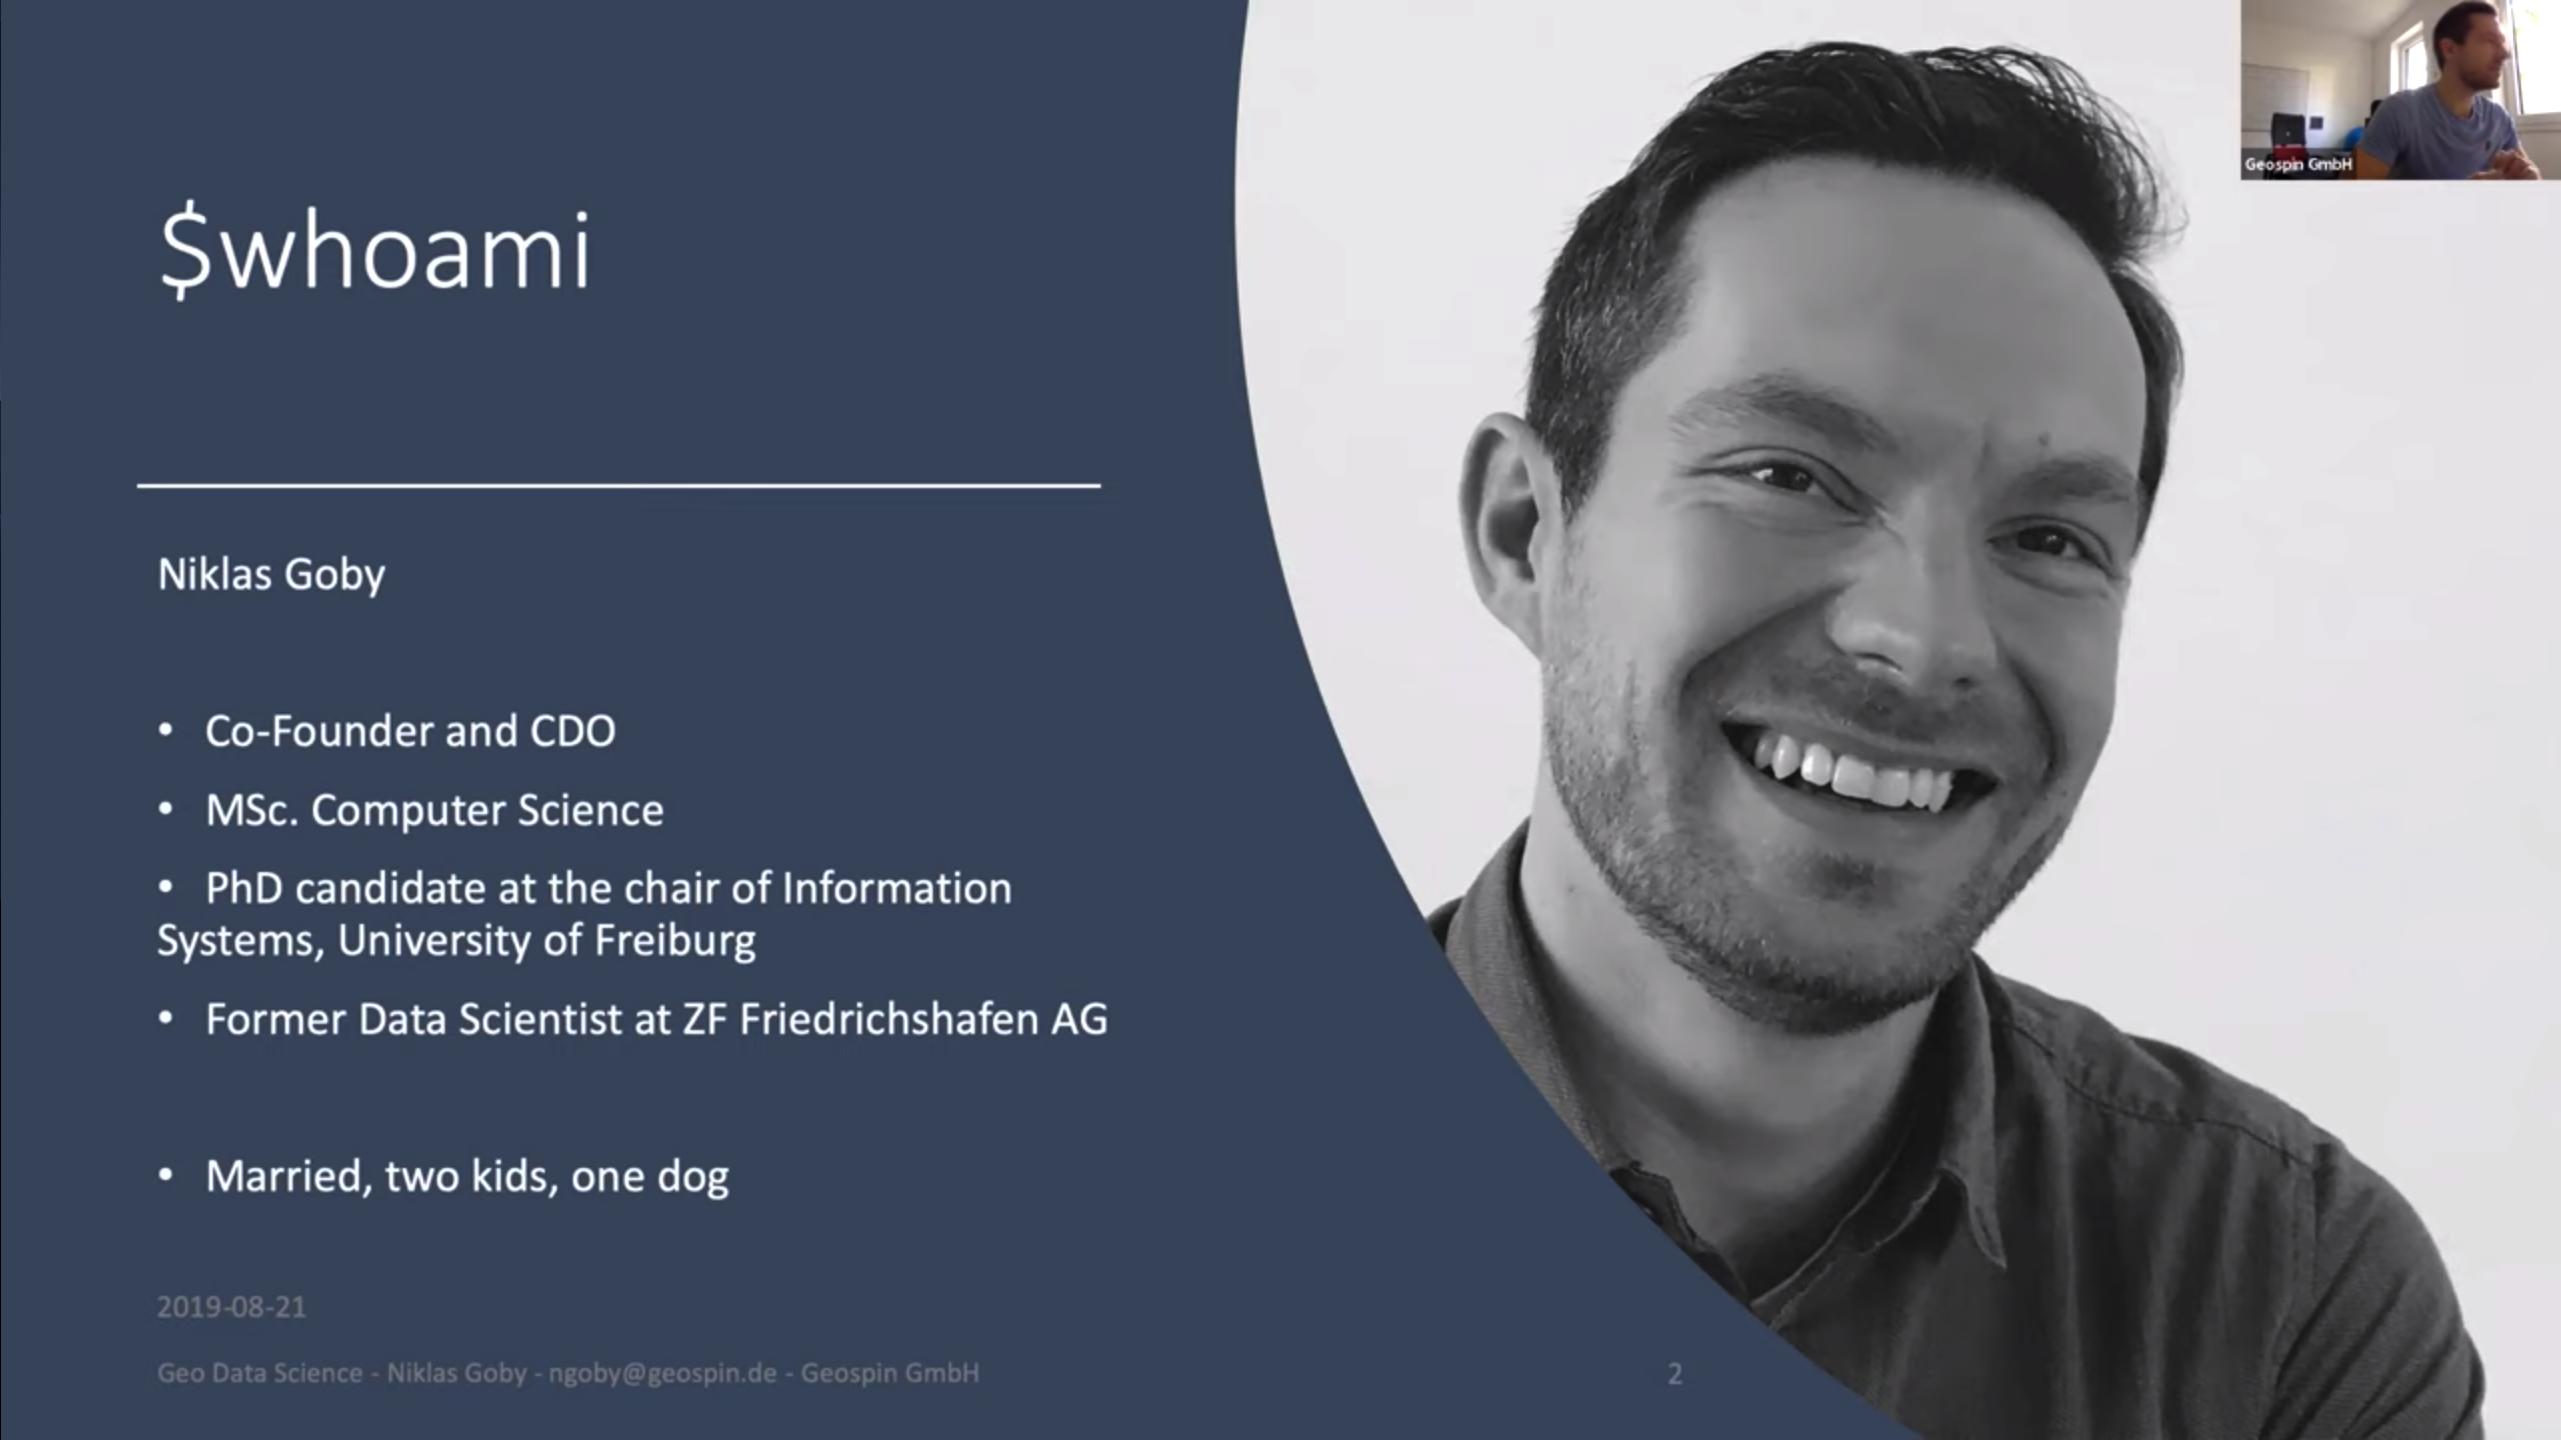 Das Erste Geospin Webinar Mit Niklas Goby